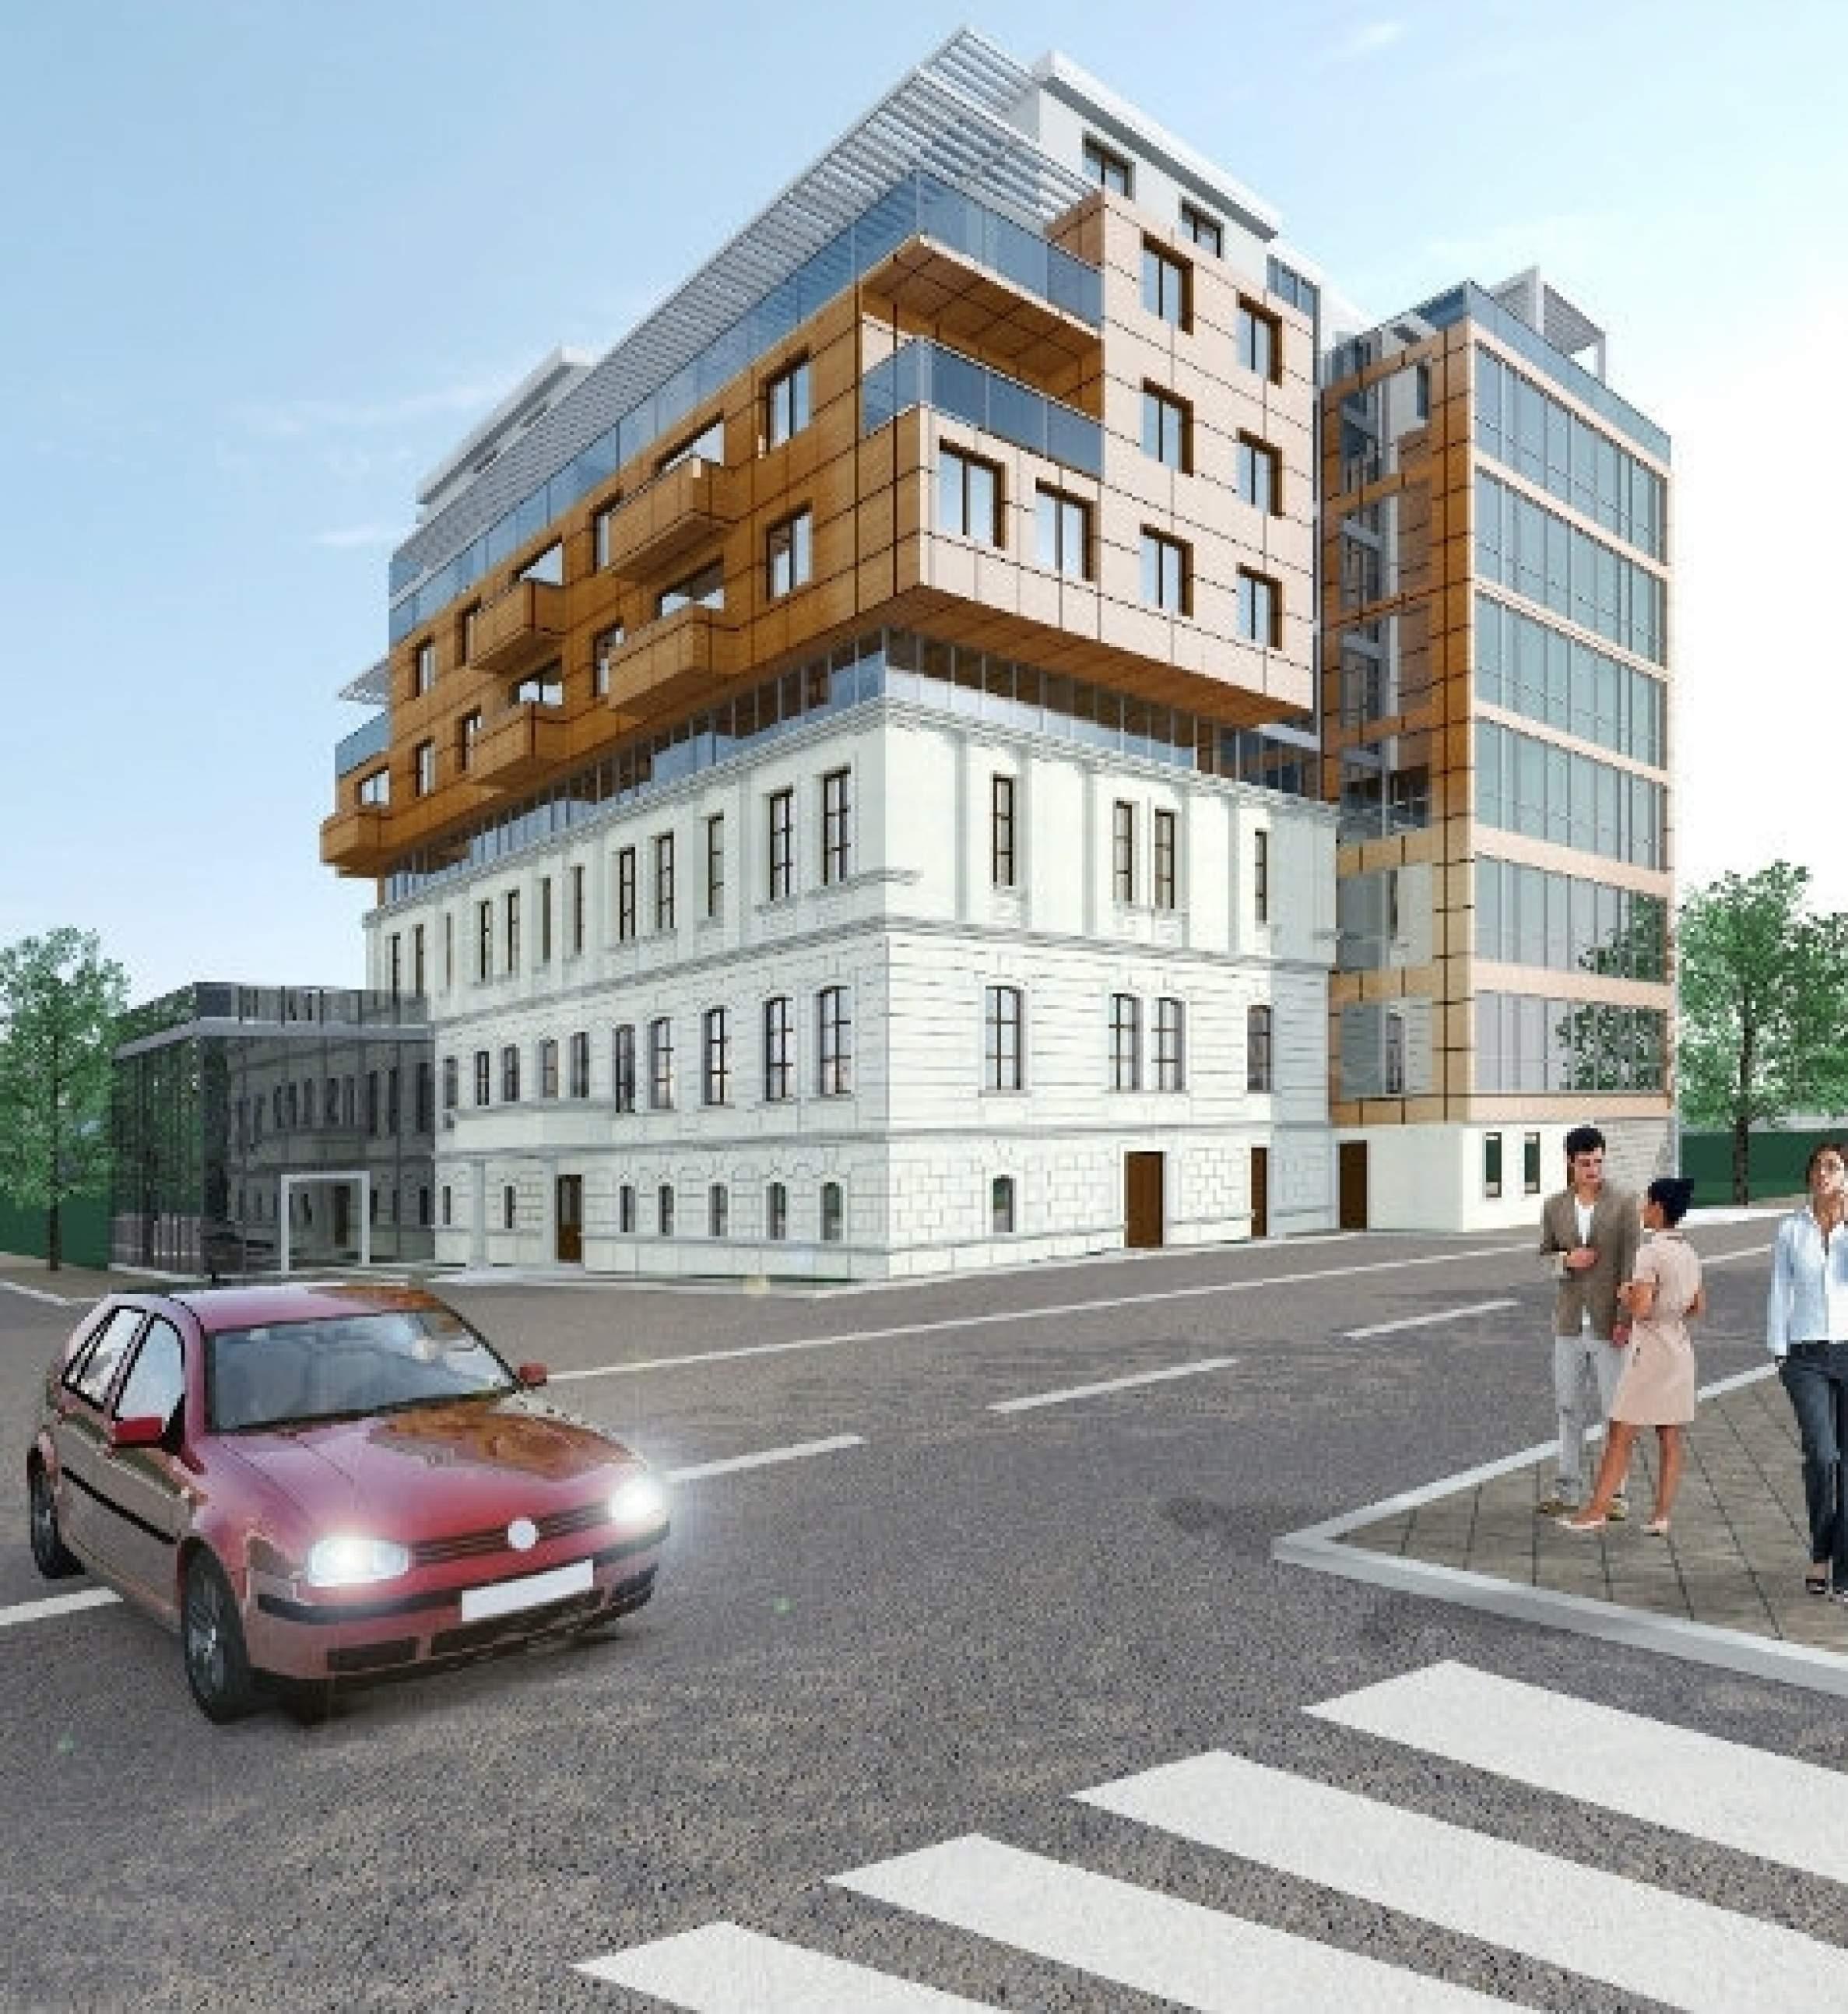 Нови апартаменти в комплекс с офиси и магазини в центъра2 - Stonehard